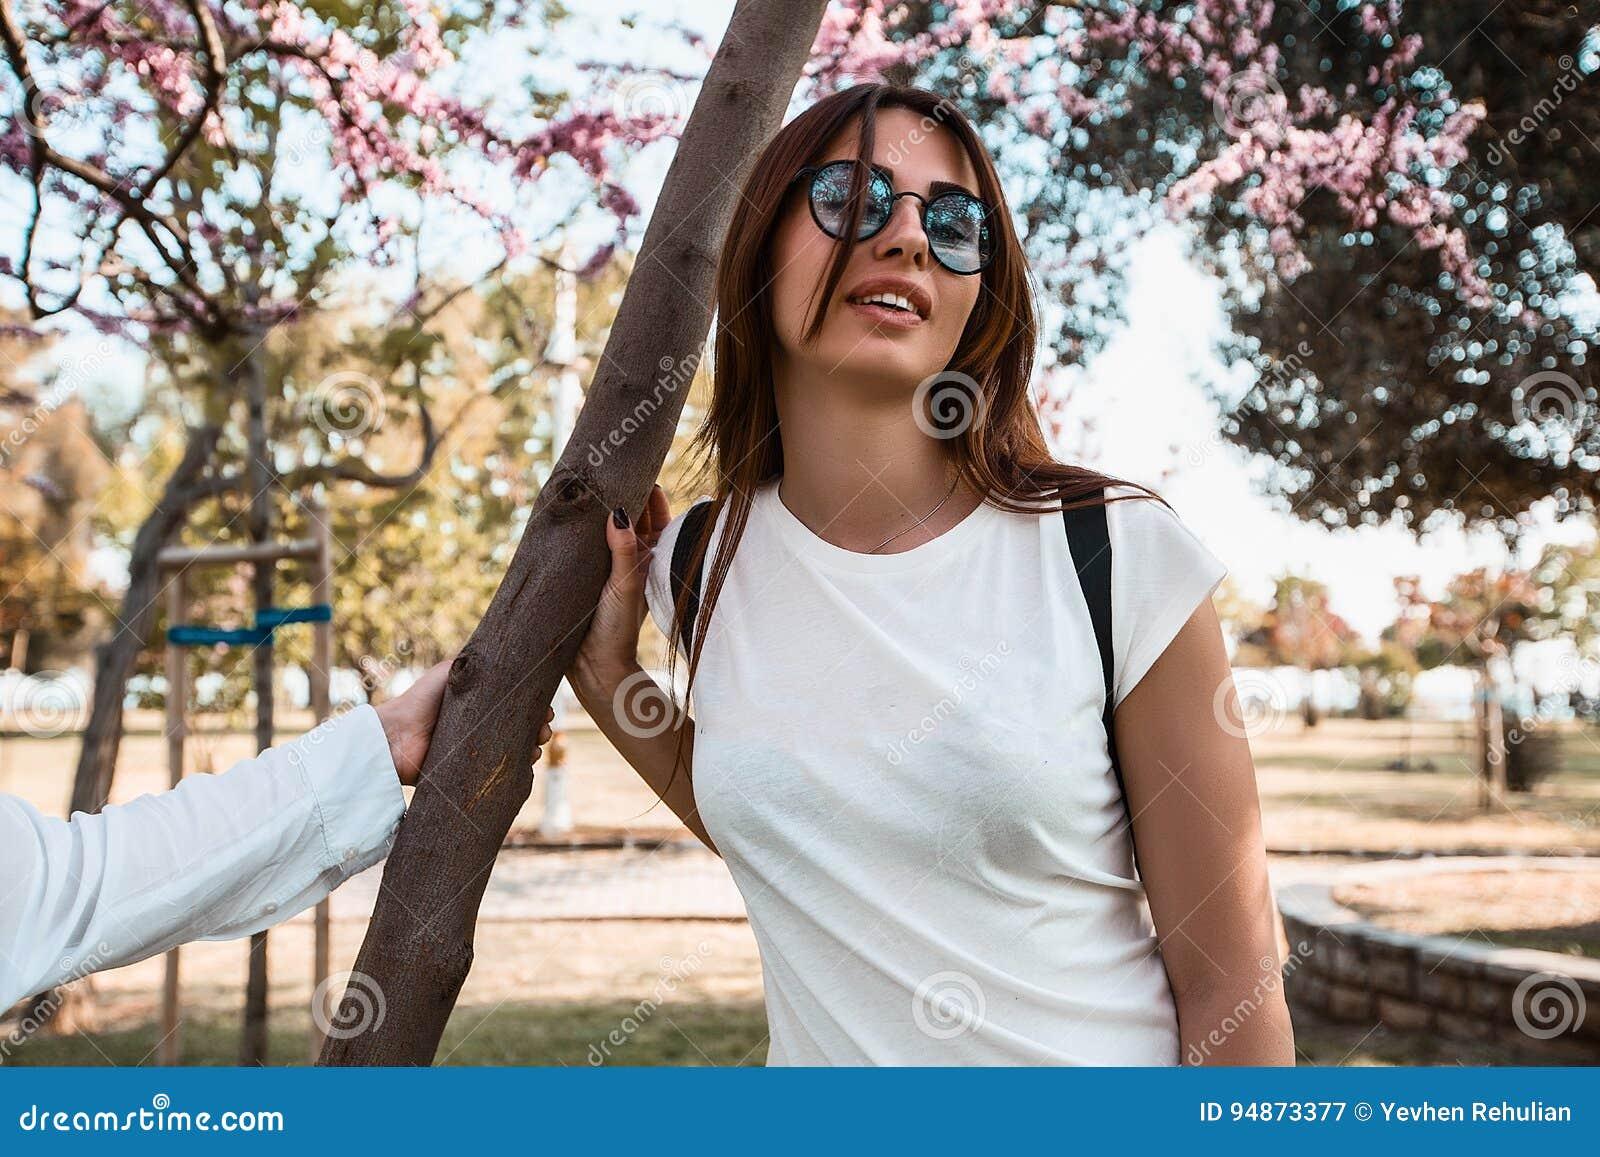 таких пикап девушки в весеннем парке смотреть онлайн силой ходит